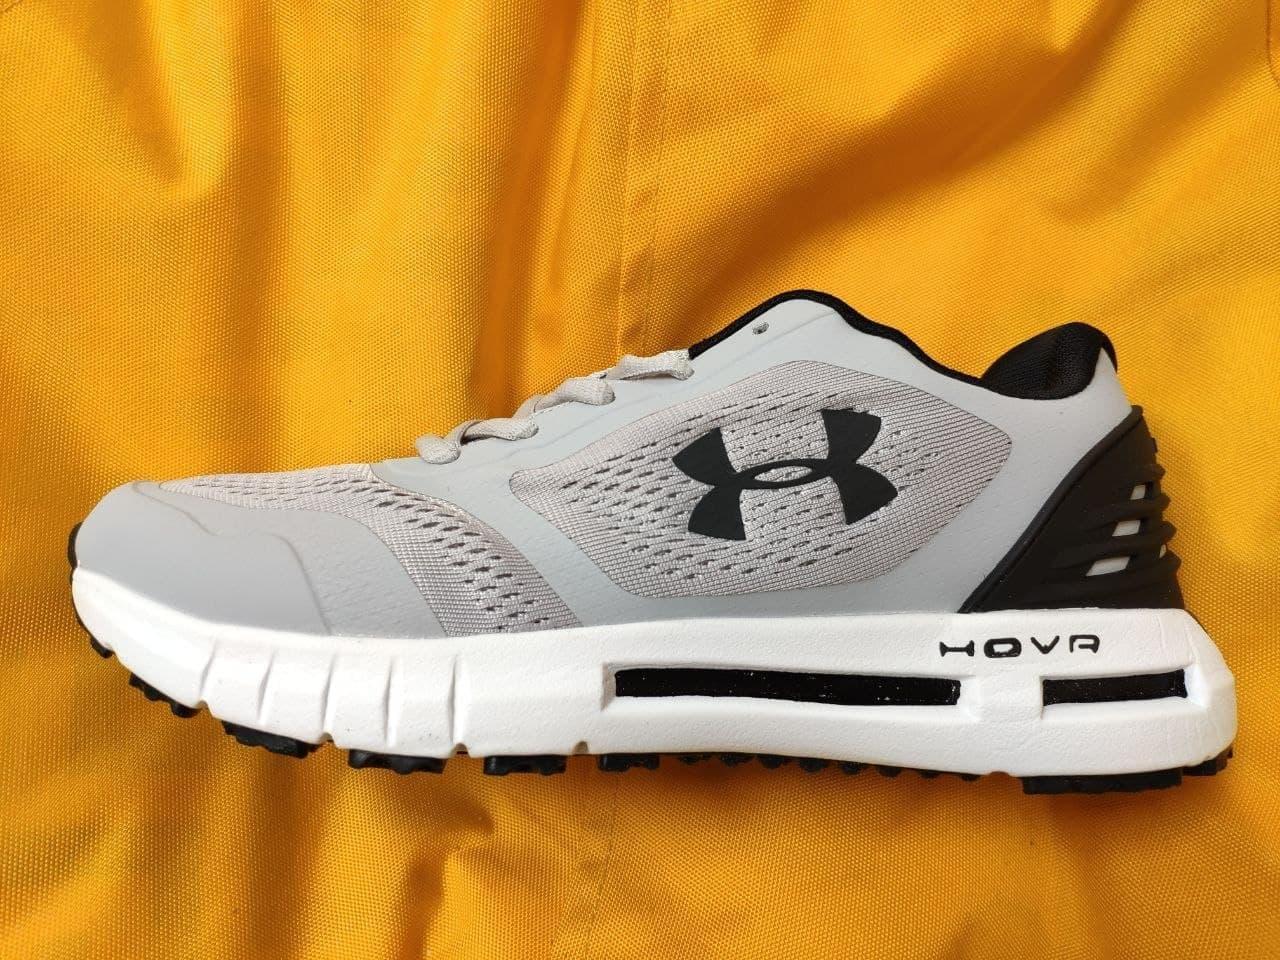 Мужские кроссовки Under Armour Hovr (серые) D105 спортивная качественная обувь